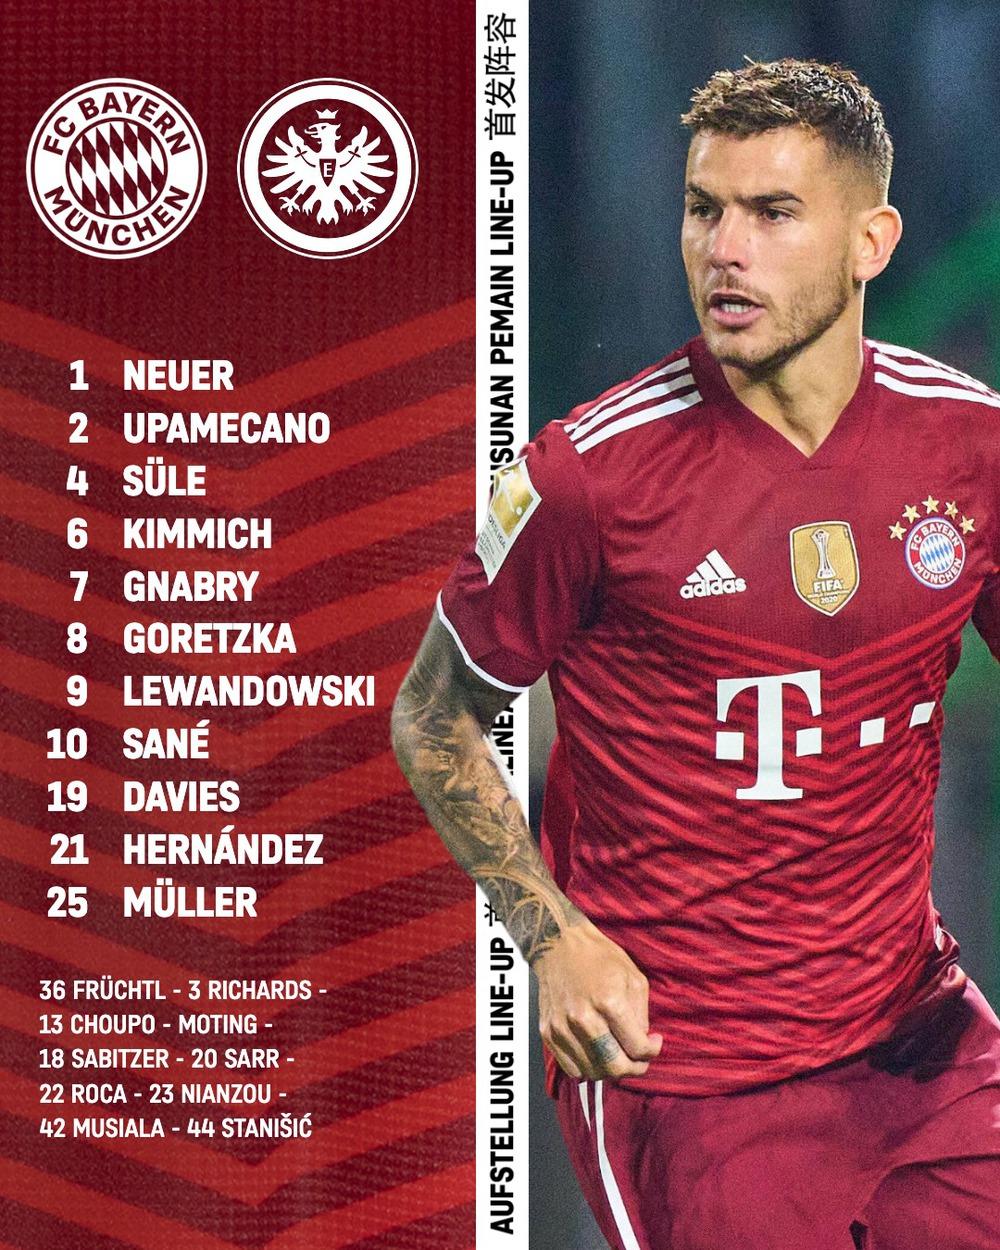 Thủ môn nam thần hóa siêu nhân khiến Bayern thua sốc ngay trên sân nhà - Ảnh 1.